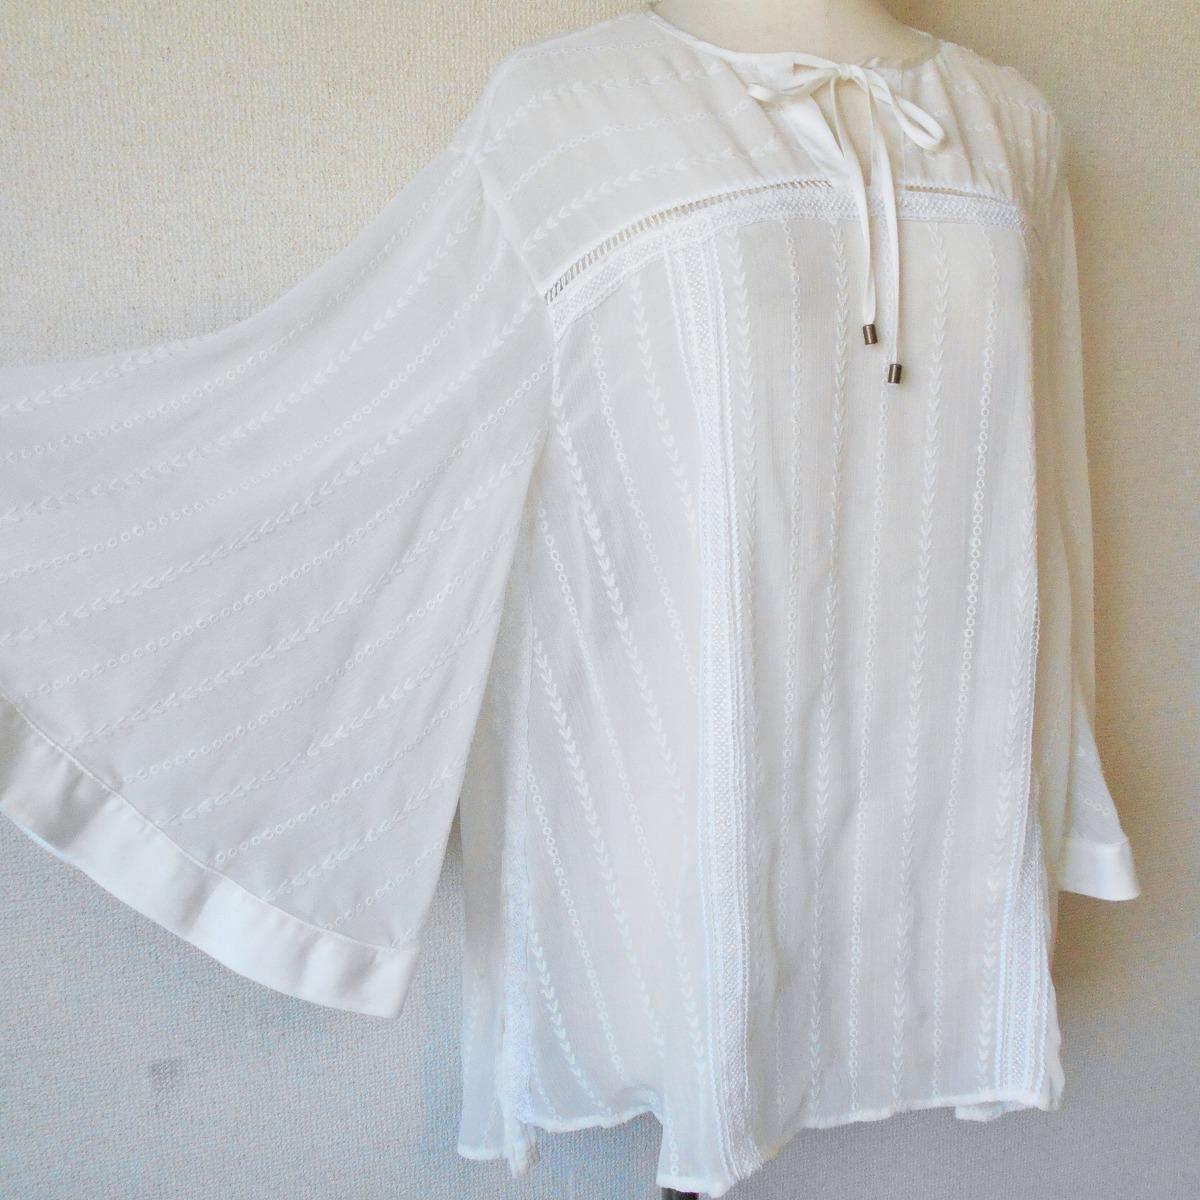 リリーブラウン Lily Brown お袖のデザインが お洒落 な シースルー チュニック ブラウス F_画像4